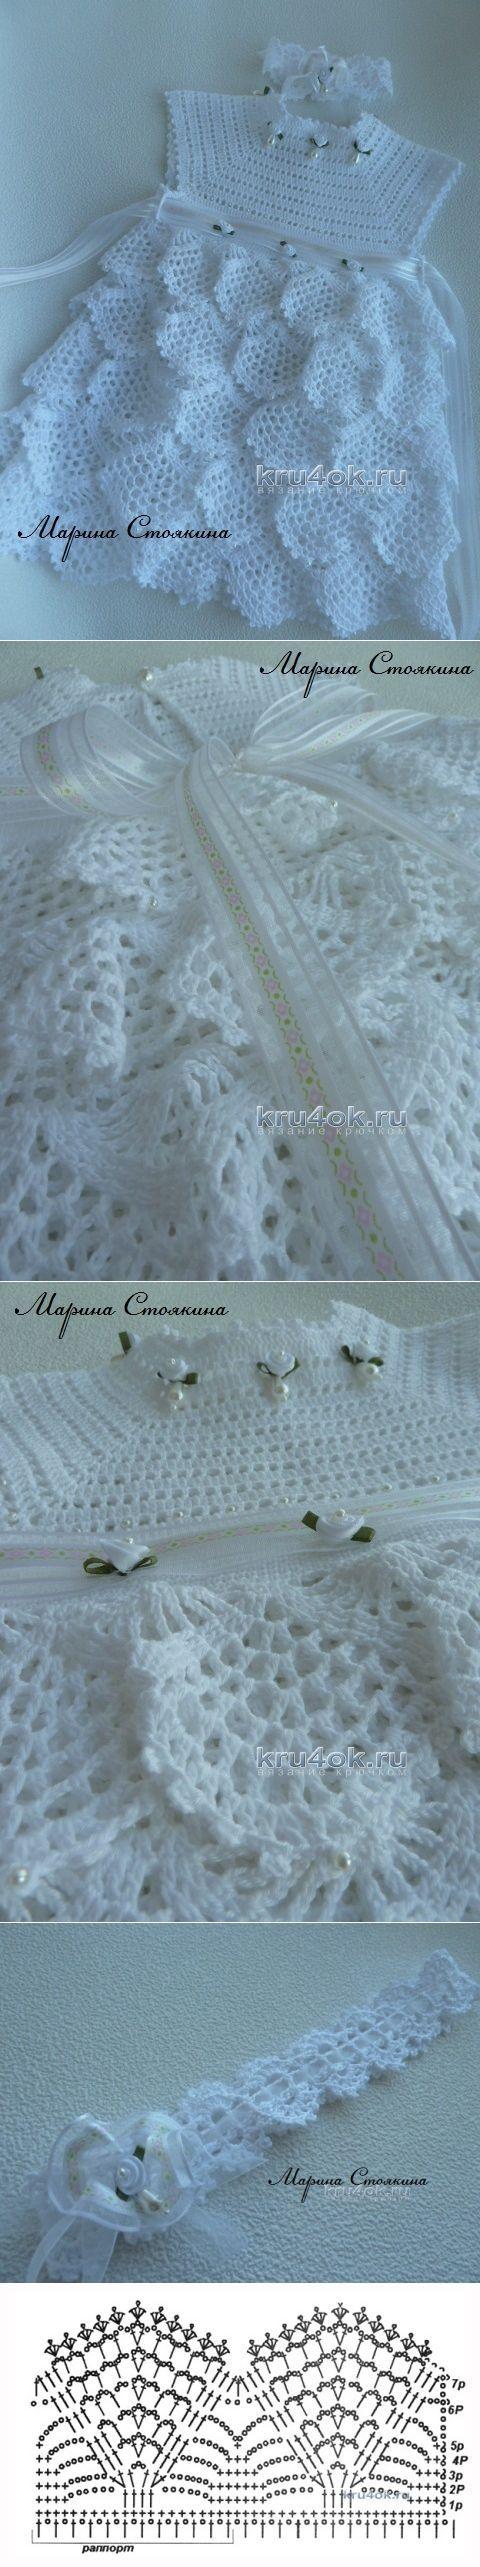 Платье для девочки — работа Марины Стоякиной - вязание крючком на kru4ok.ru | вяжем детям | Постила